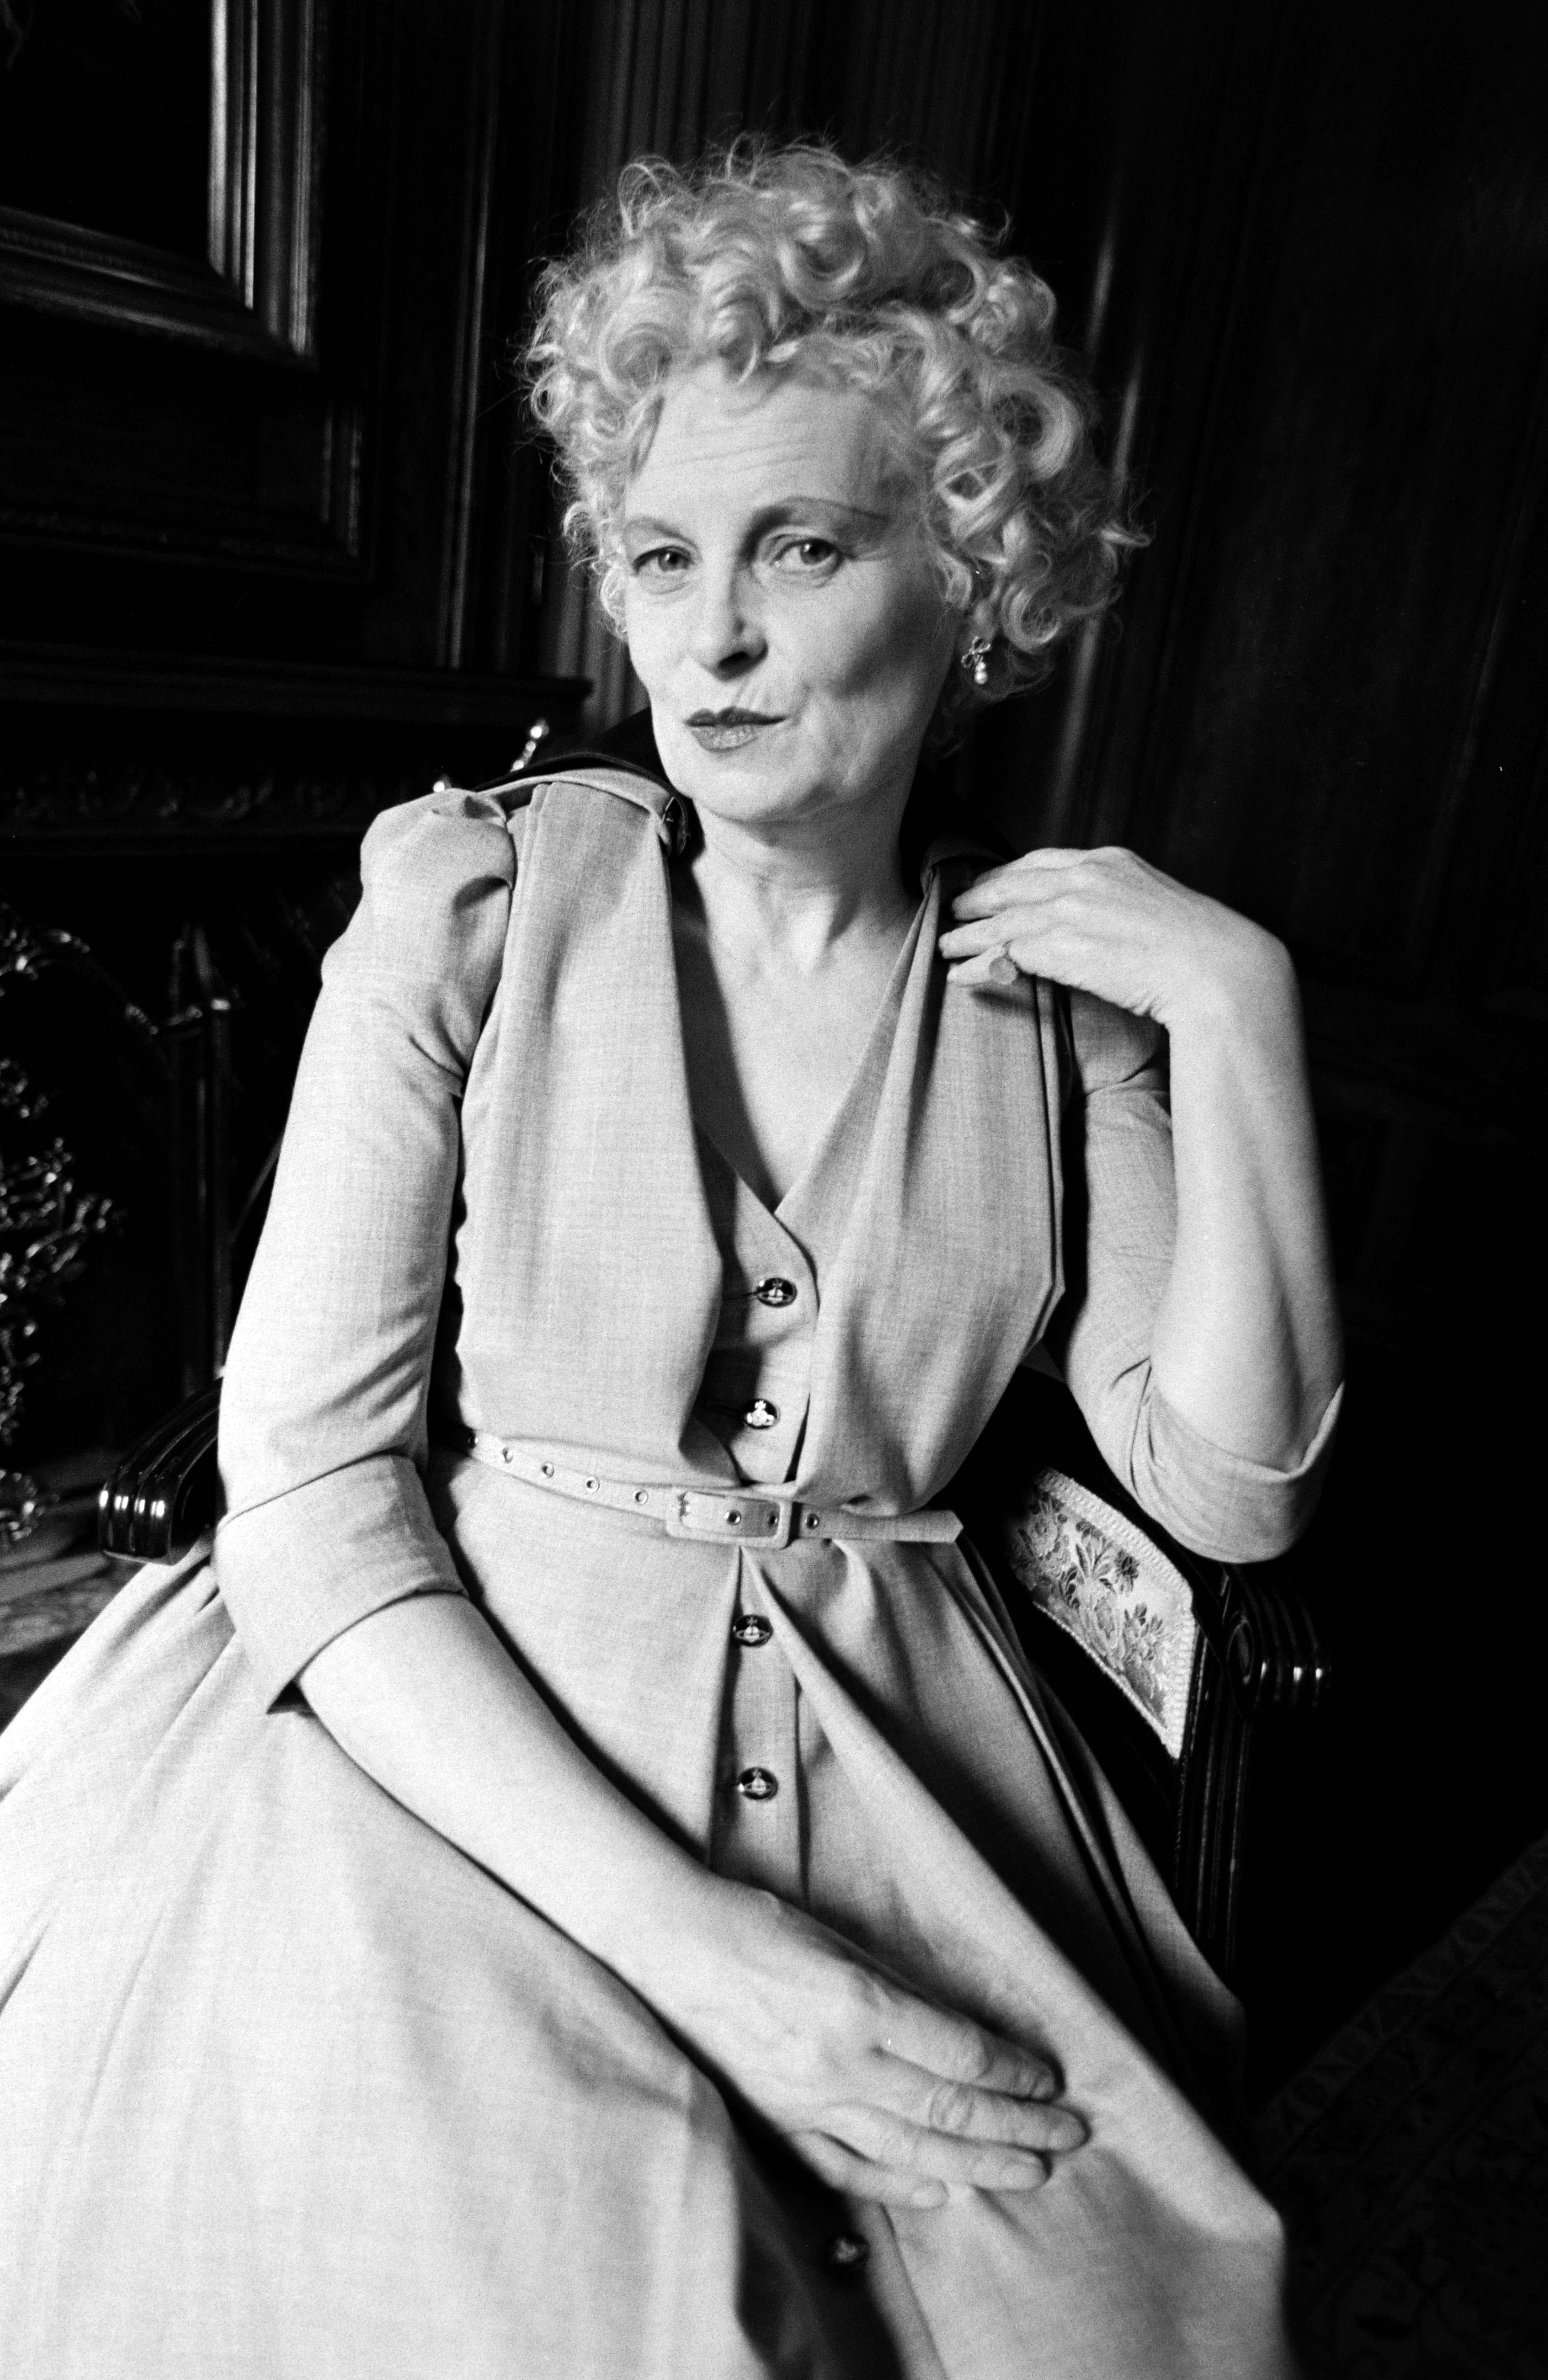 Designer Vivienne Westwood poses for portraits on September 16, 1996.